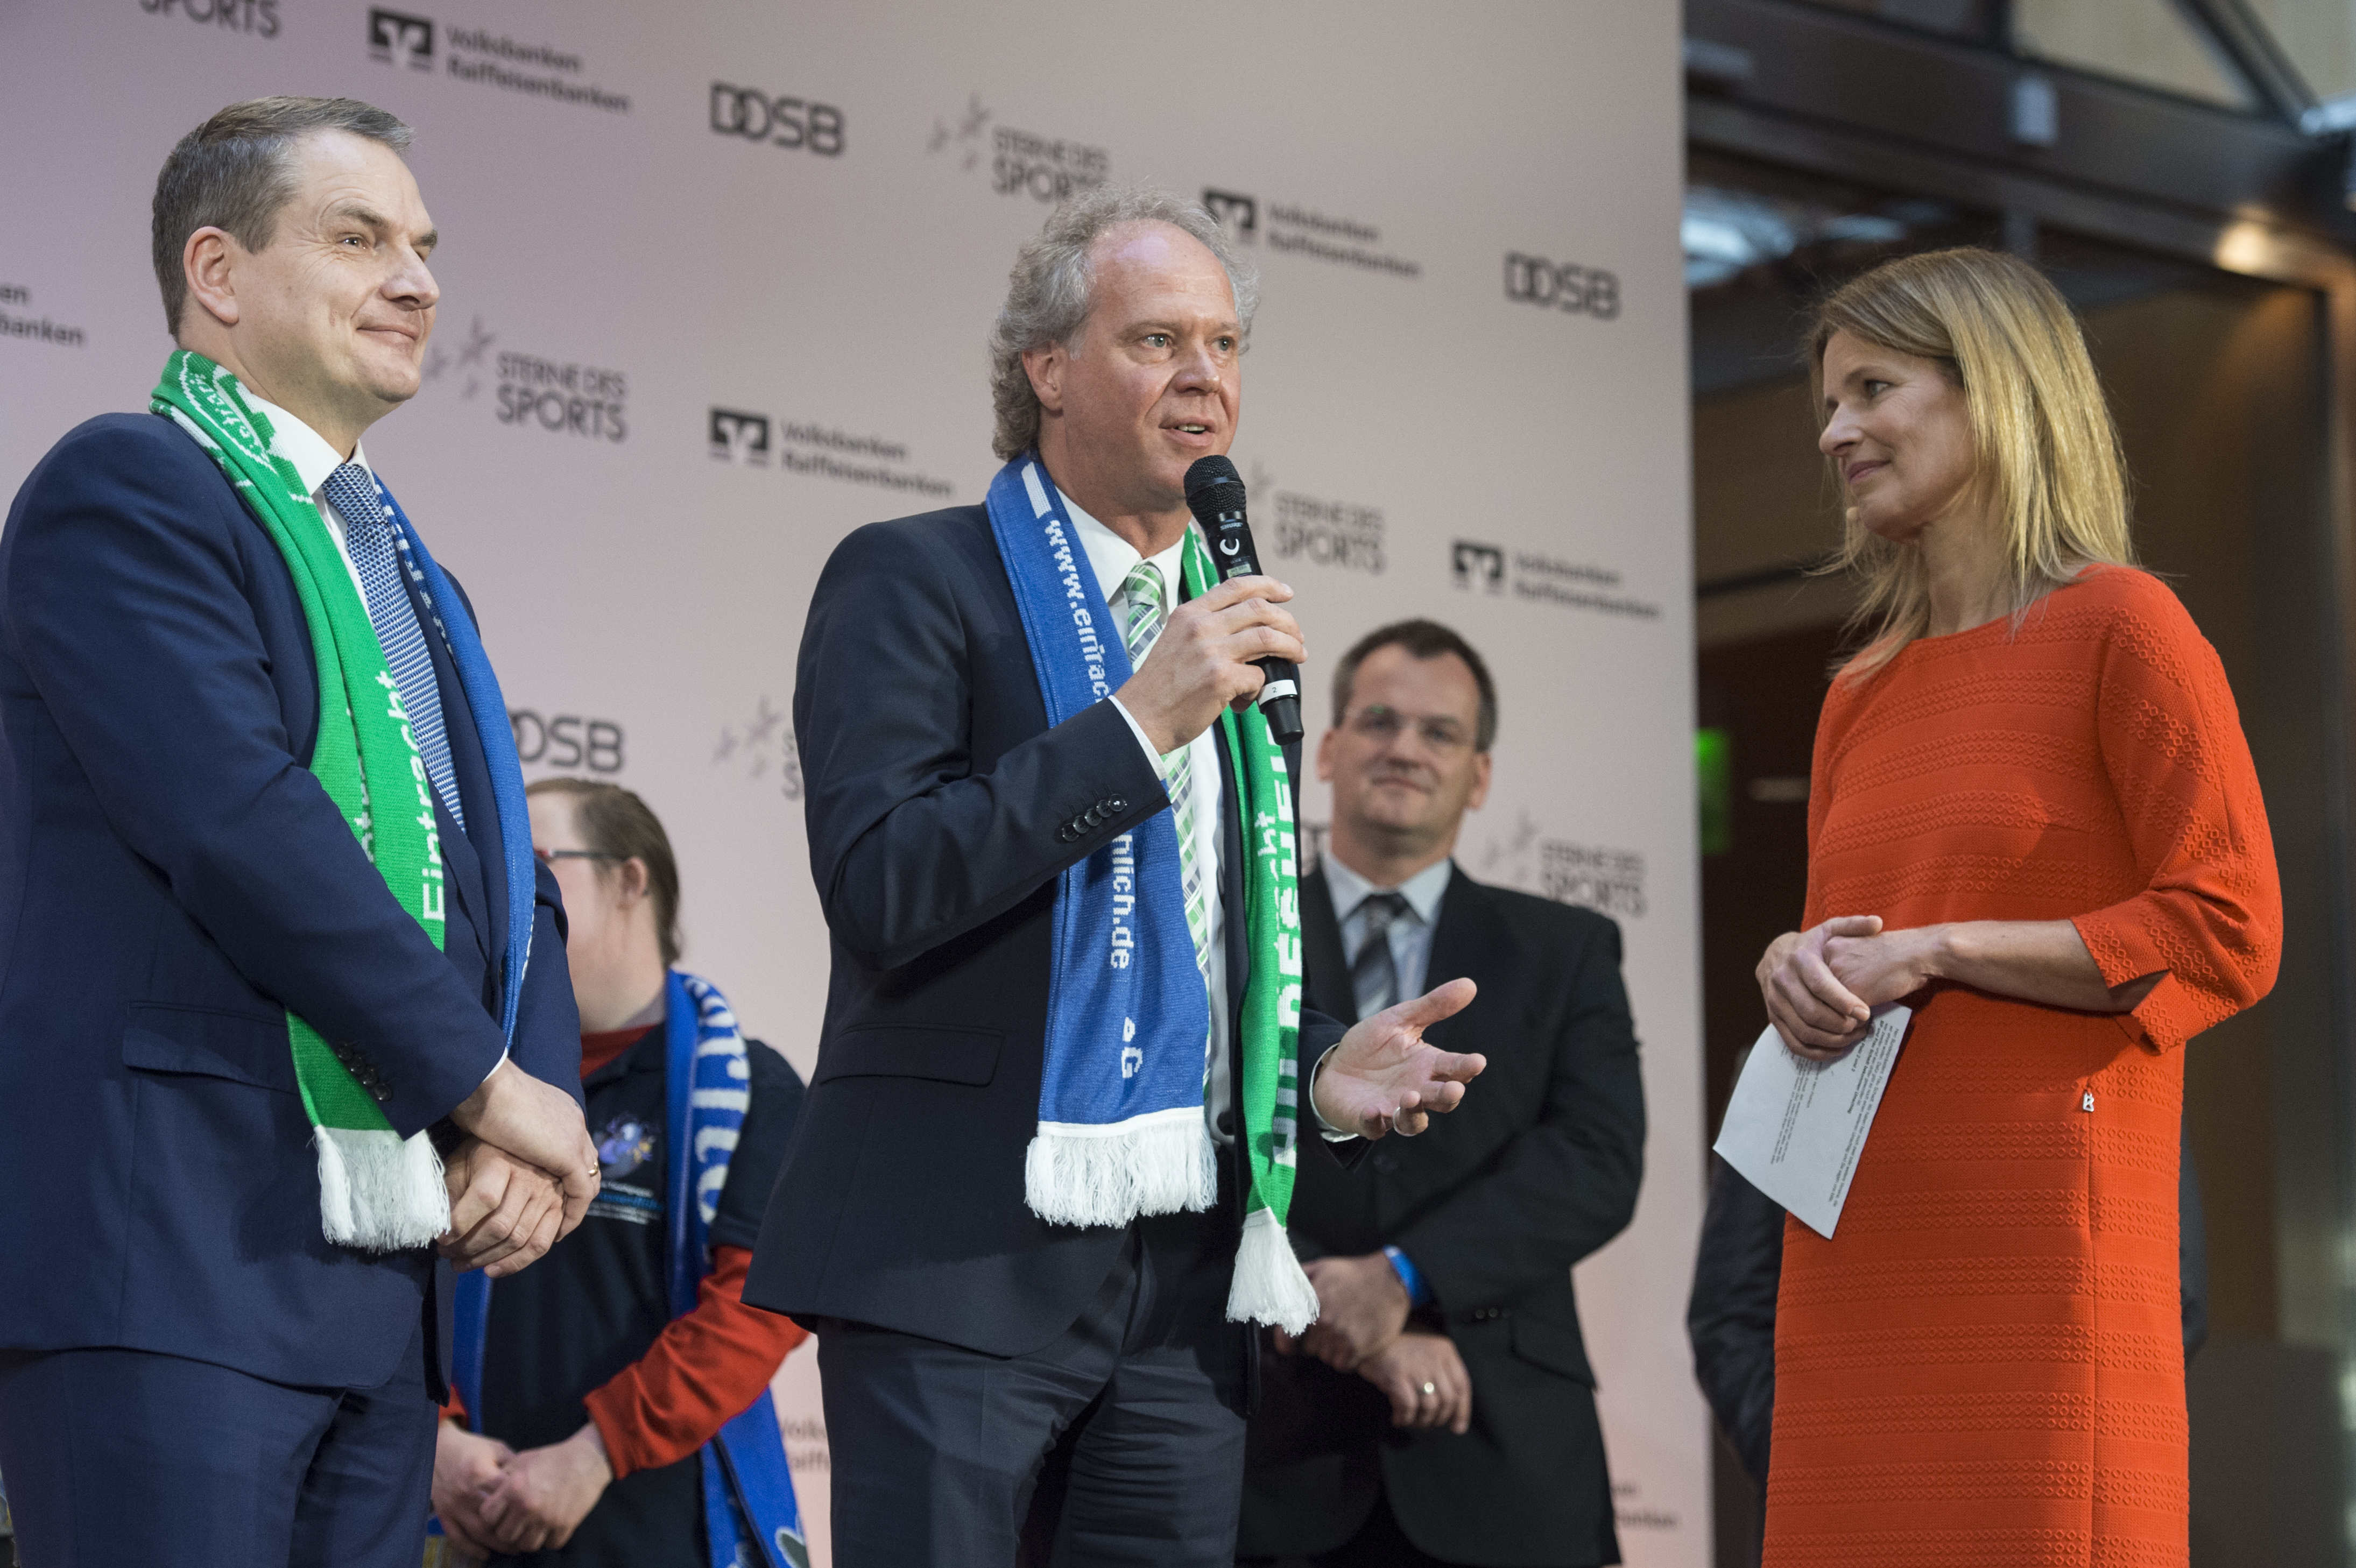 Gefragte Gewinner - Eintracht Hildesheim e.V., Jörg Biethan, Clemens Löcke und Katrin Müller-Hohenstein © DOSB/BVR